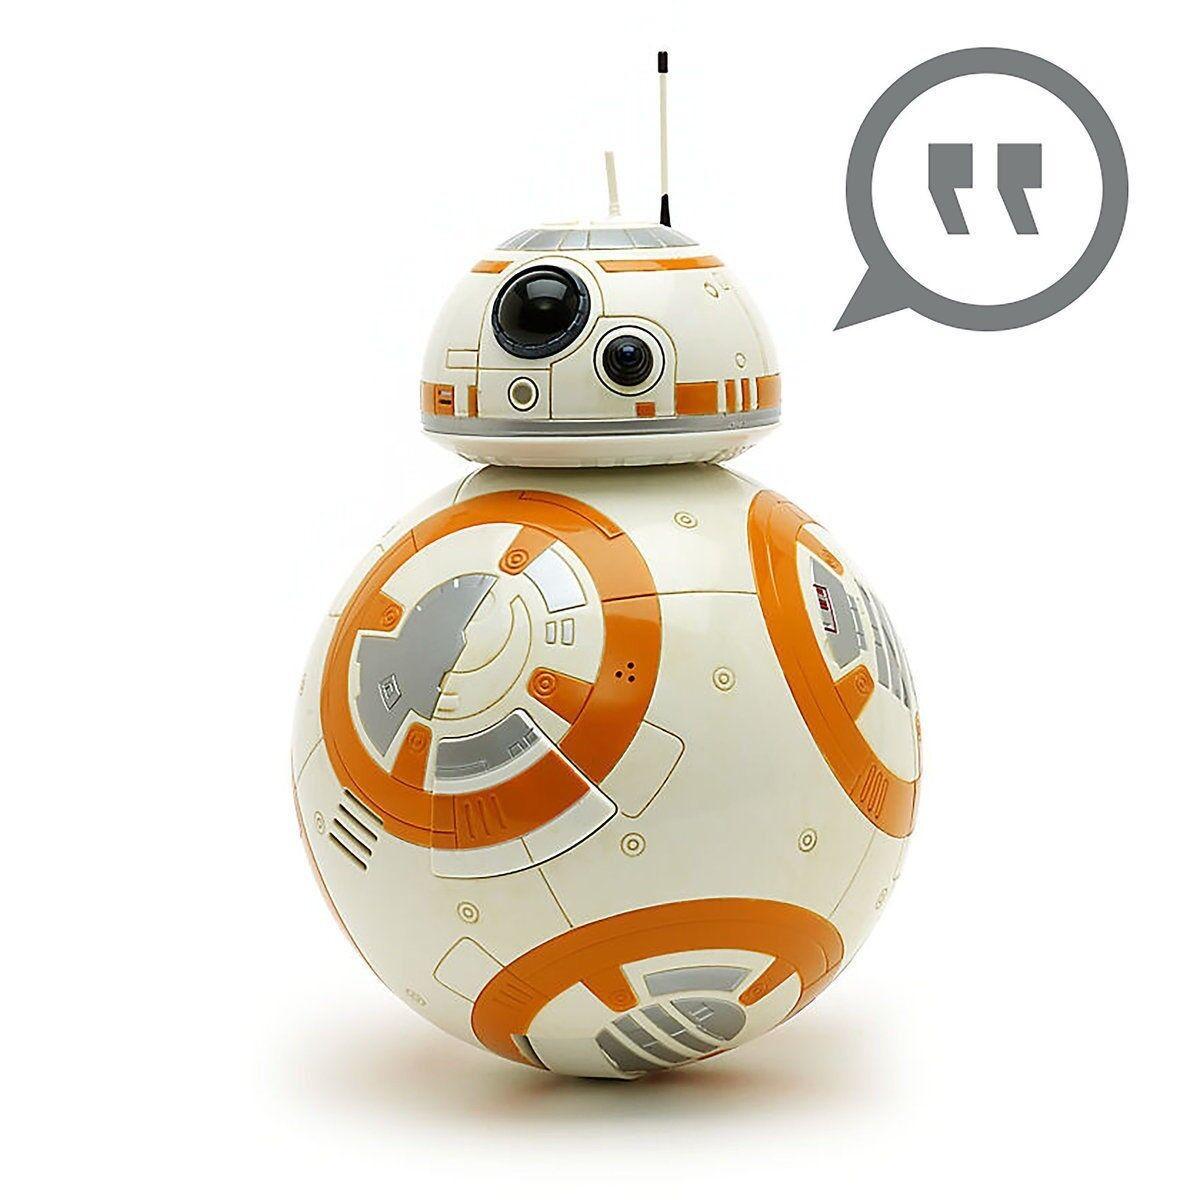 Star Wars BB-8 Talking Figure - 9 1/2 Inch - Star Wars: The Last Jedi